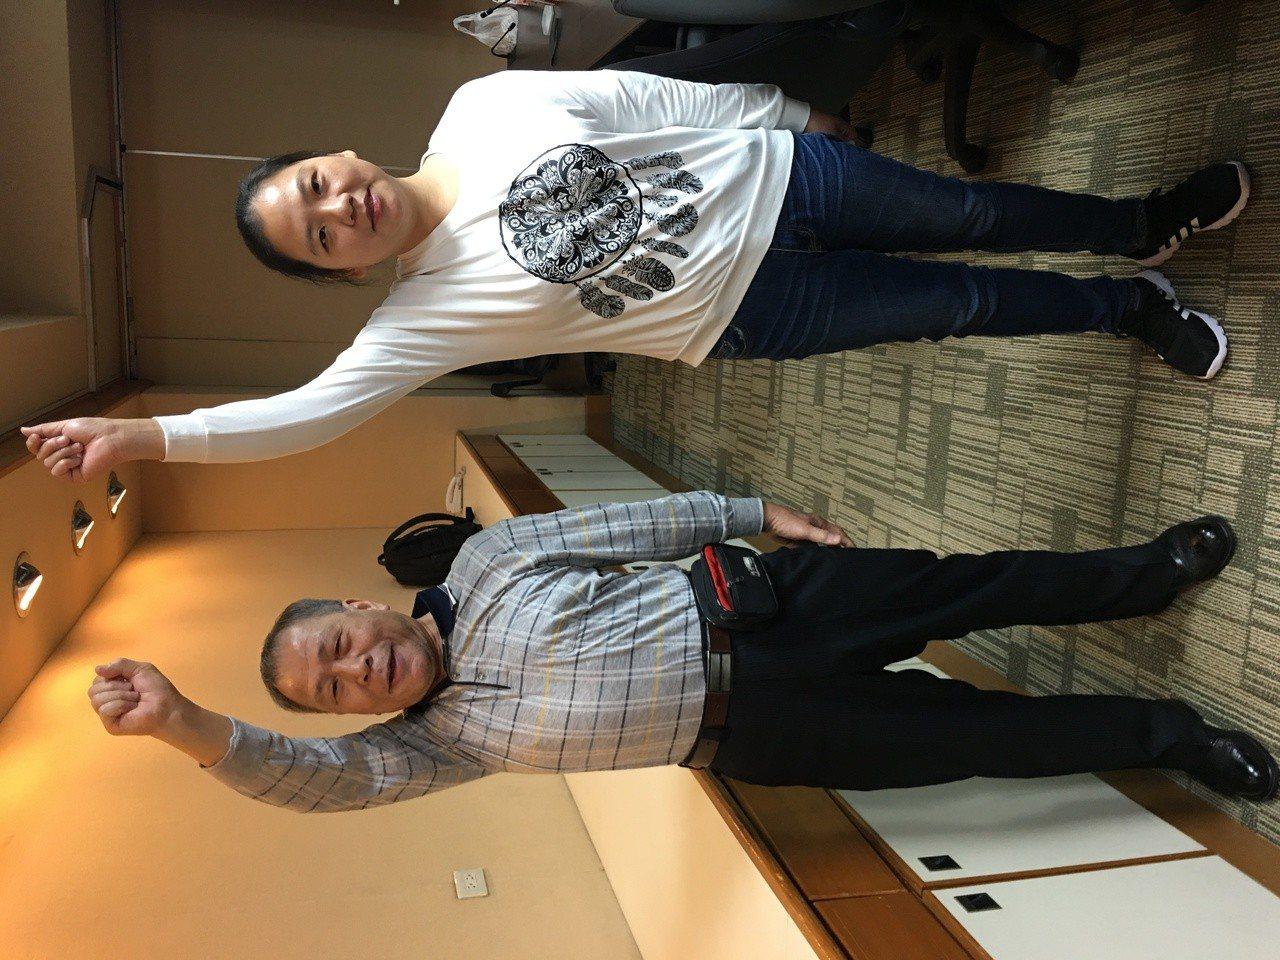 潘先生(左)和陳小姐(右)均因臂叢神經受損導致右手無法舉起,猶如武俠小說所述的「...